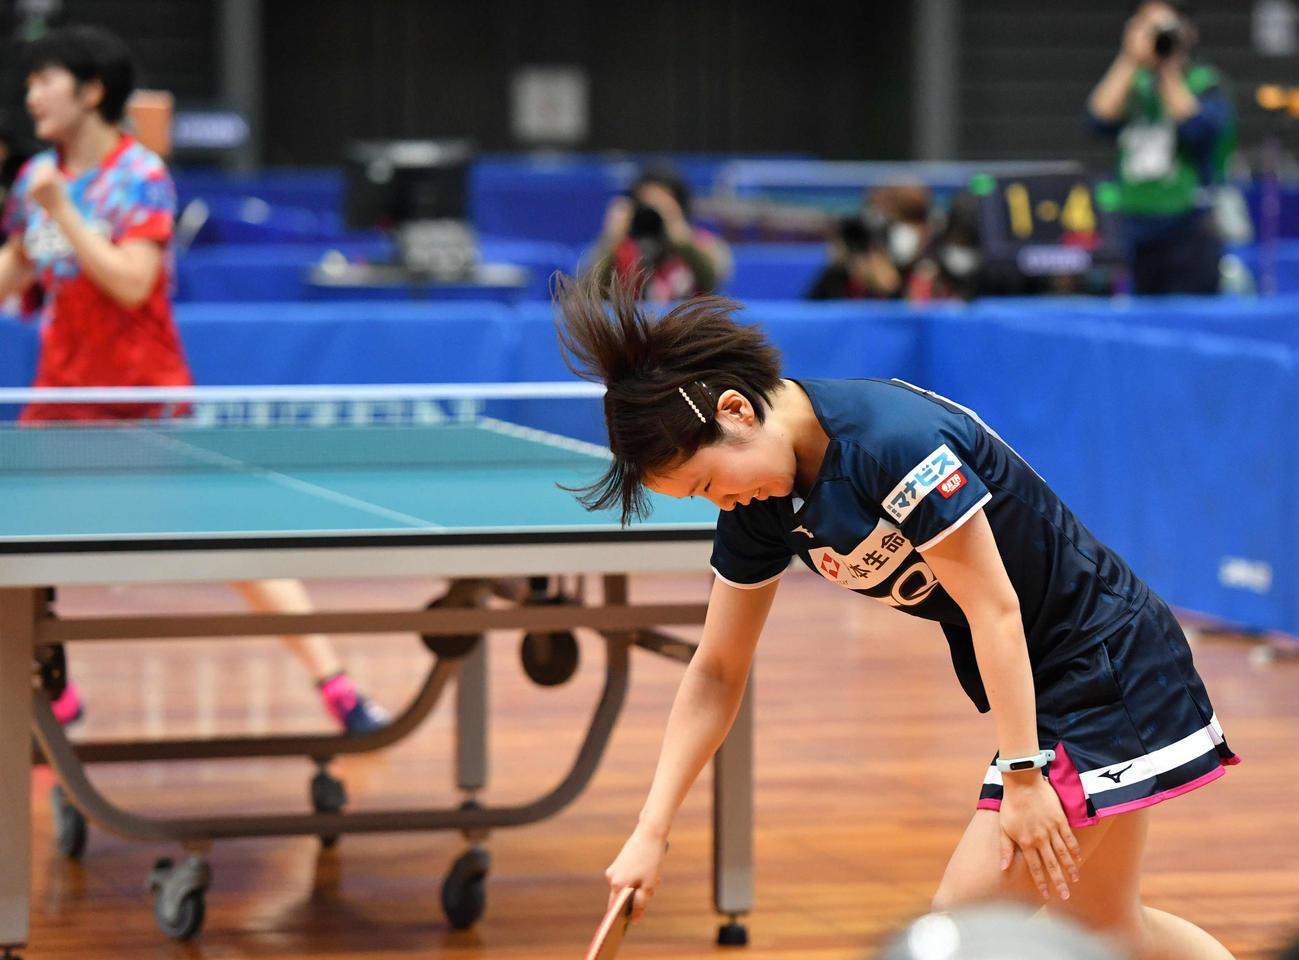 全日本卓球選手権女子シングルス6回戦 失点し肩を落とす平野美宇、左は木原美悠(撮影・岩下翔太)